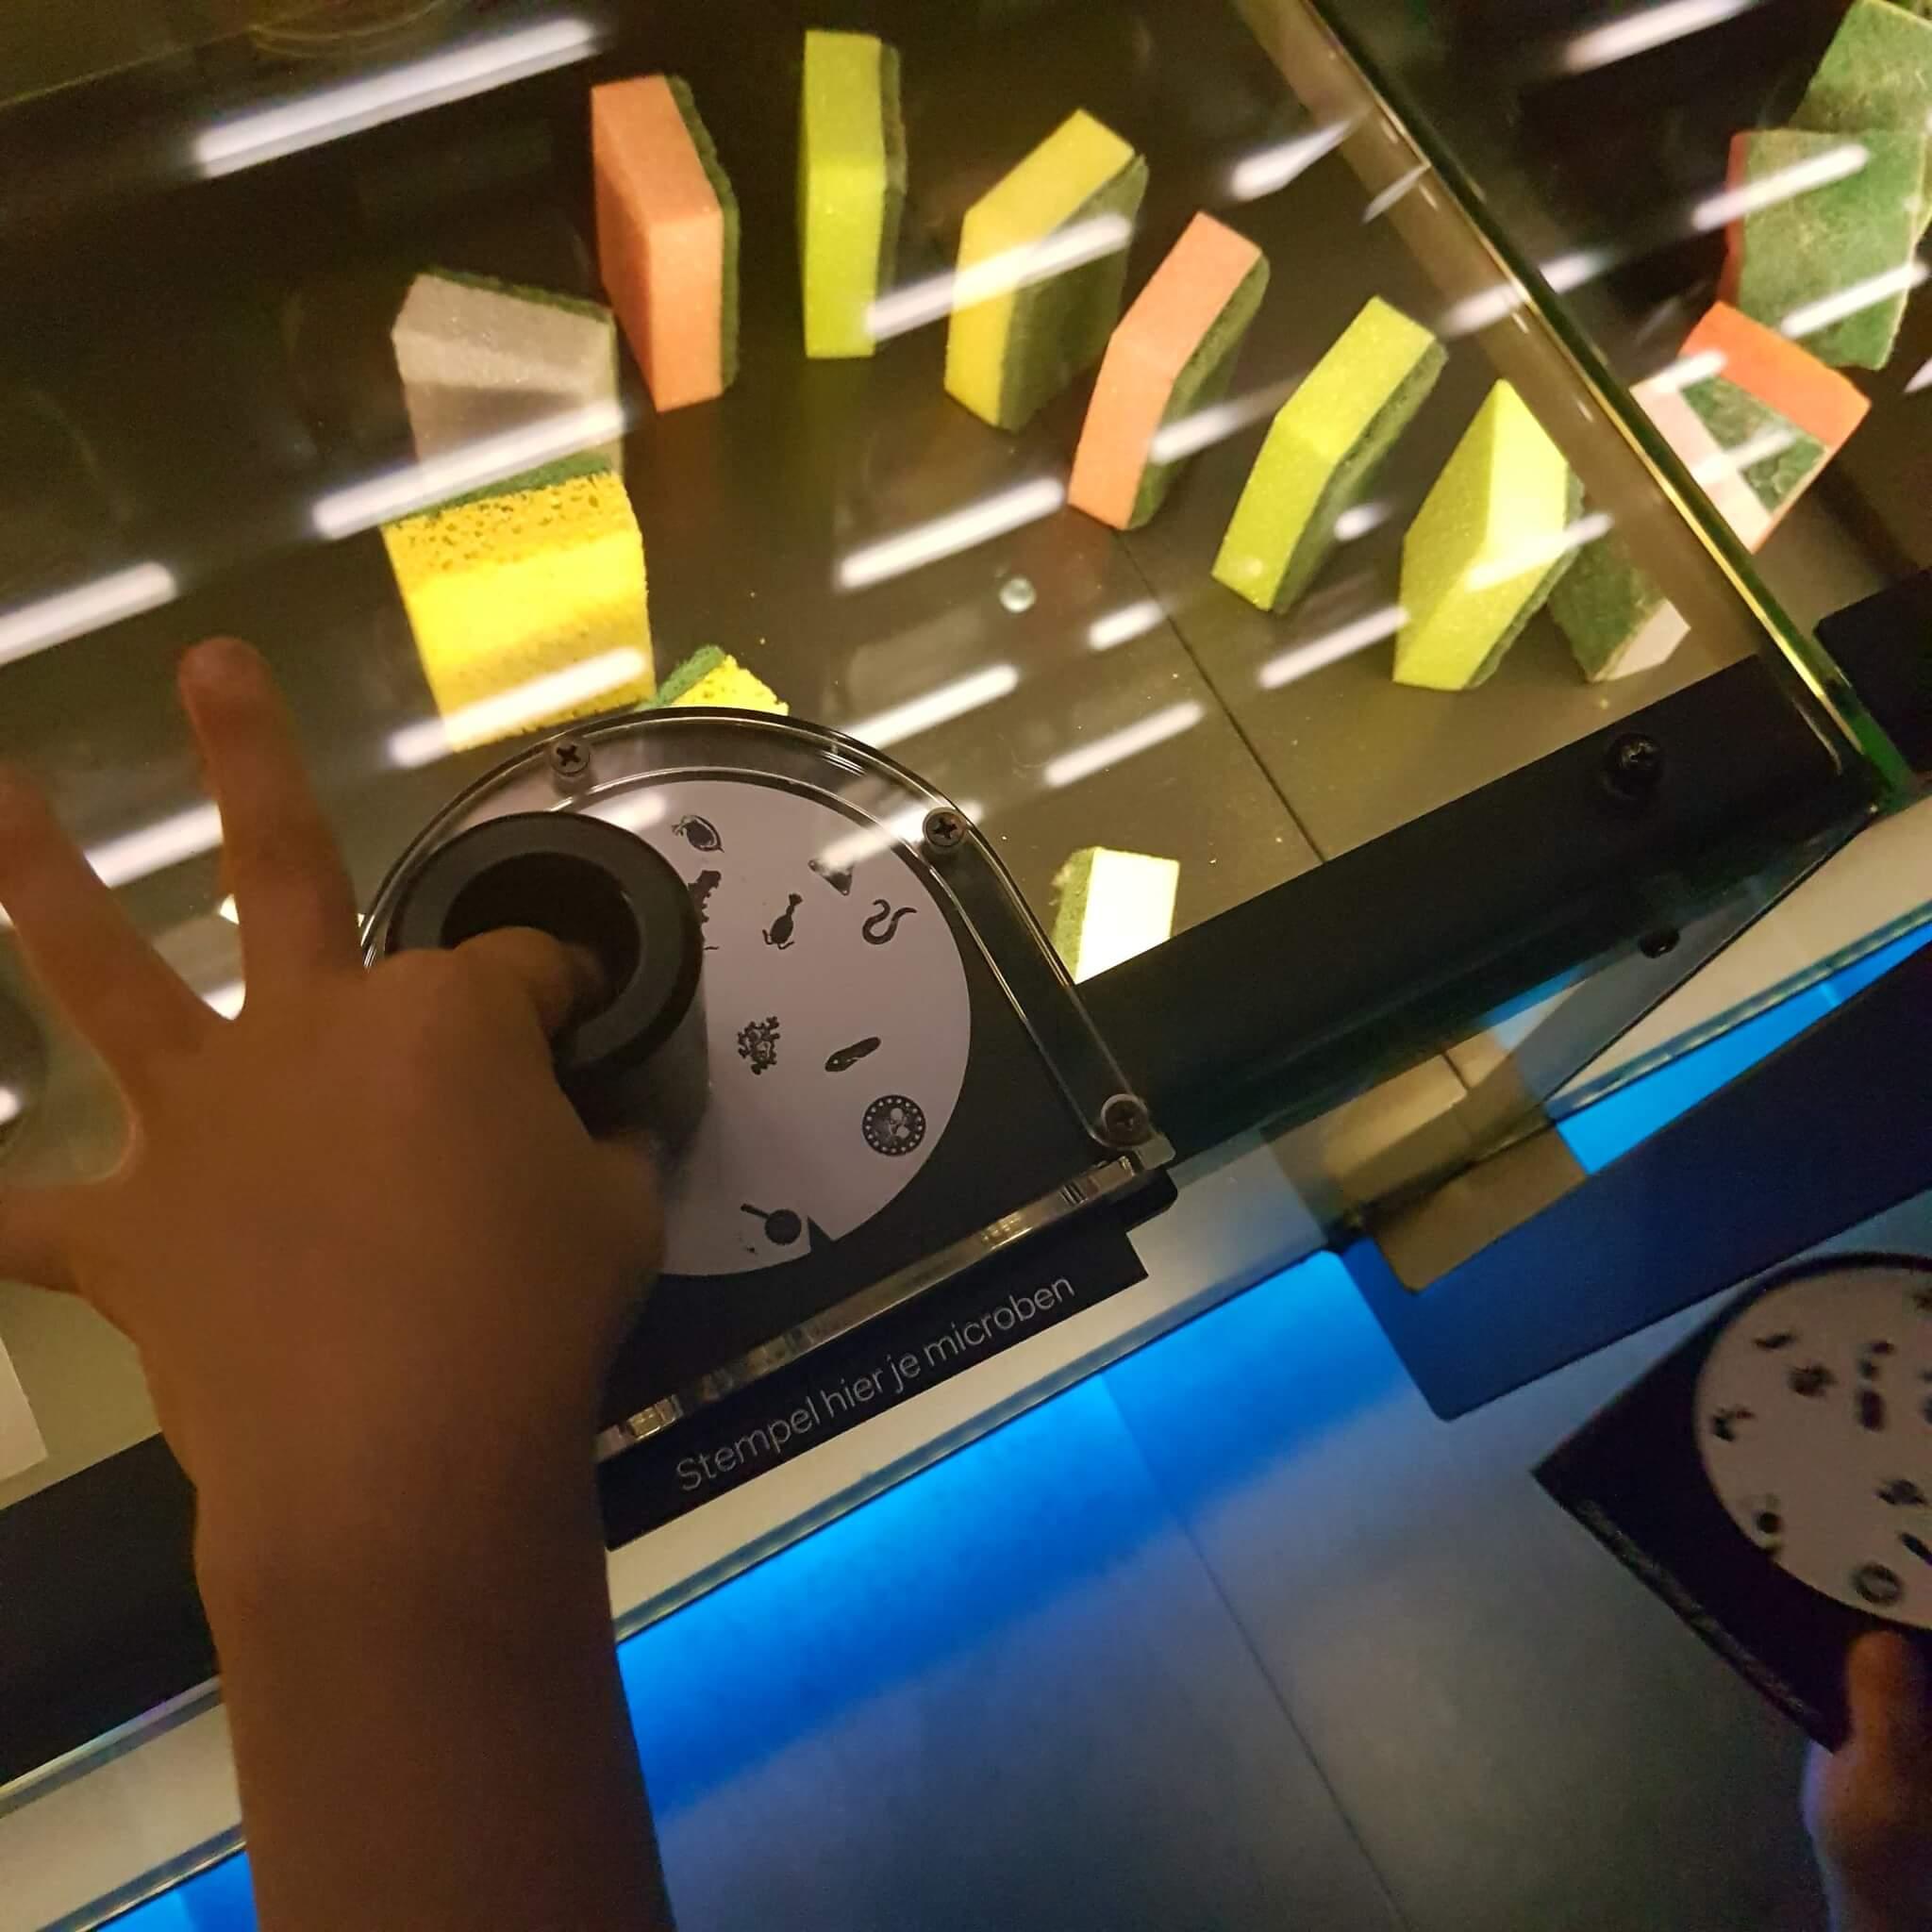 Uitje met kids: dierentuin Artis en Micropia in Amsterdam